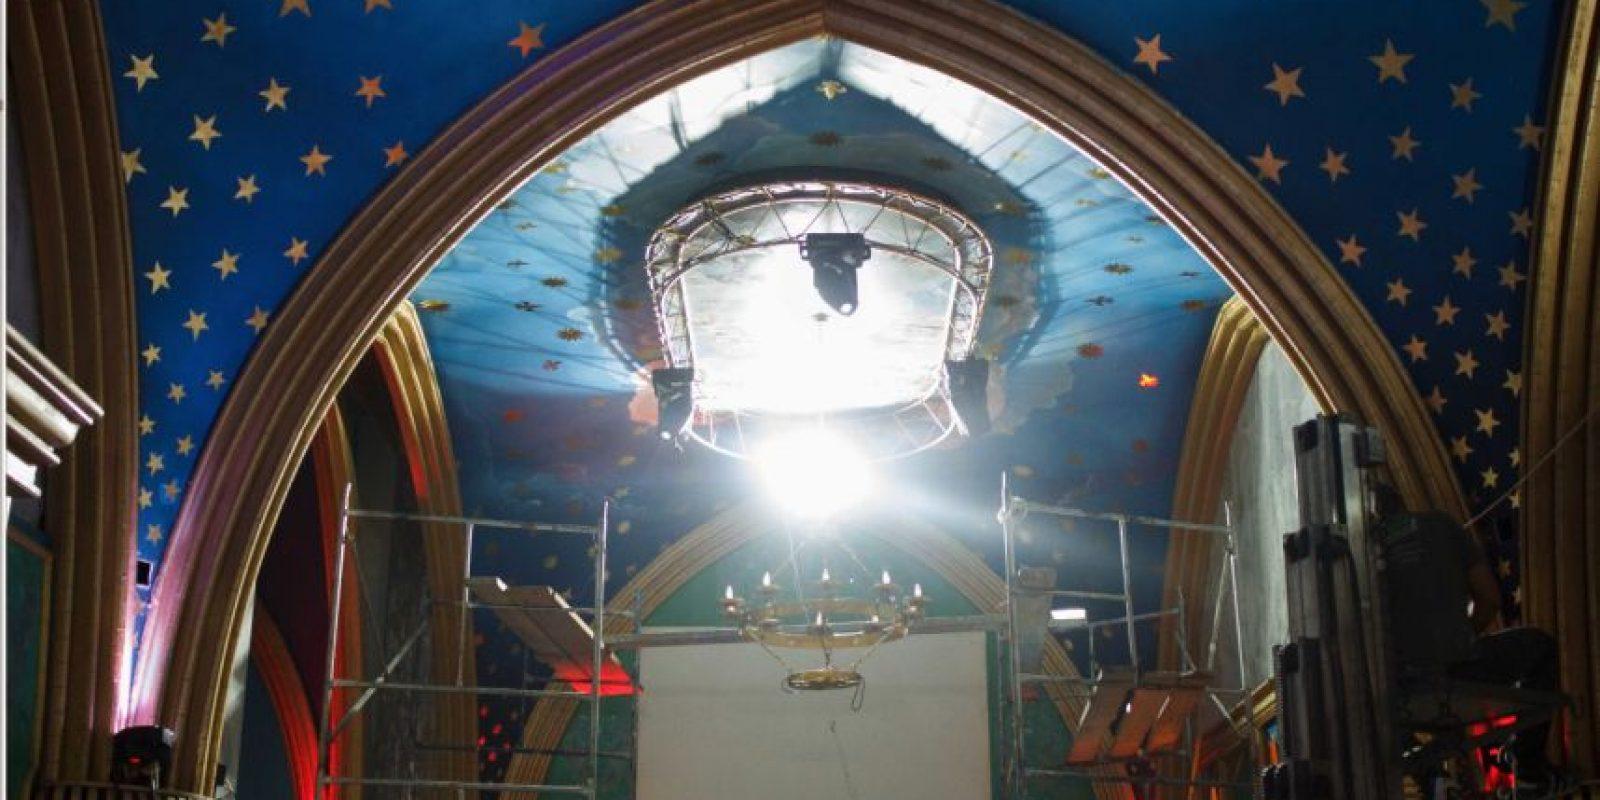 Los detalles de diseño y arreglos para Templo, el nuevo lugar que ofrecerá Theatron. Foto:Juan Pablo Pino-Publimetro